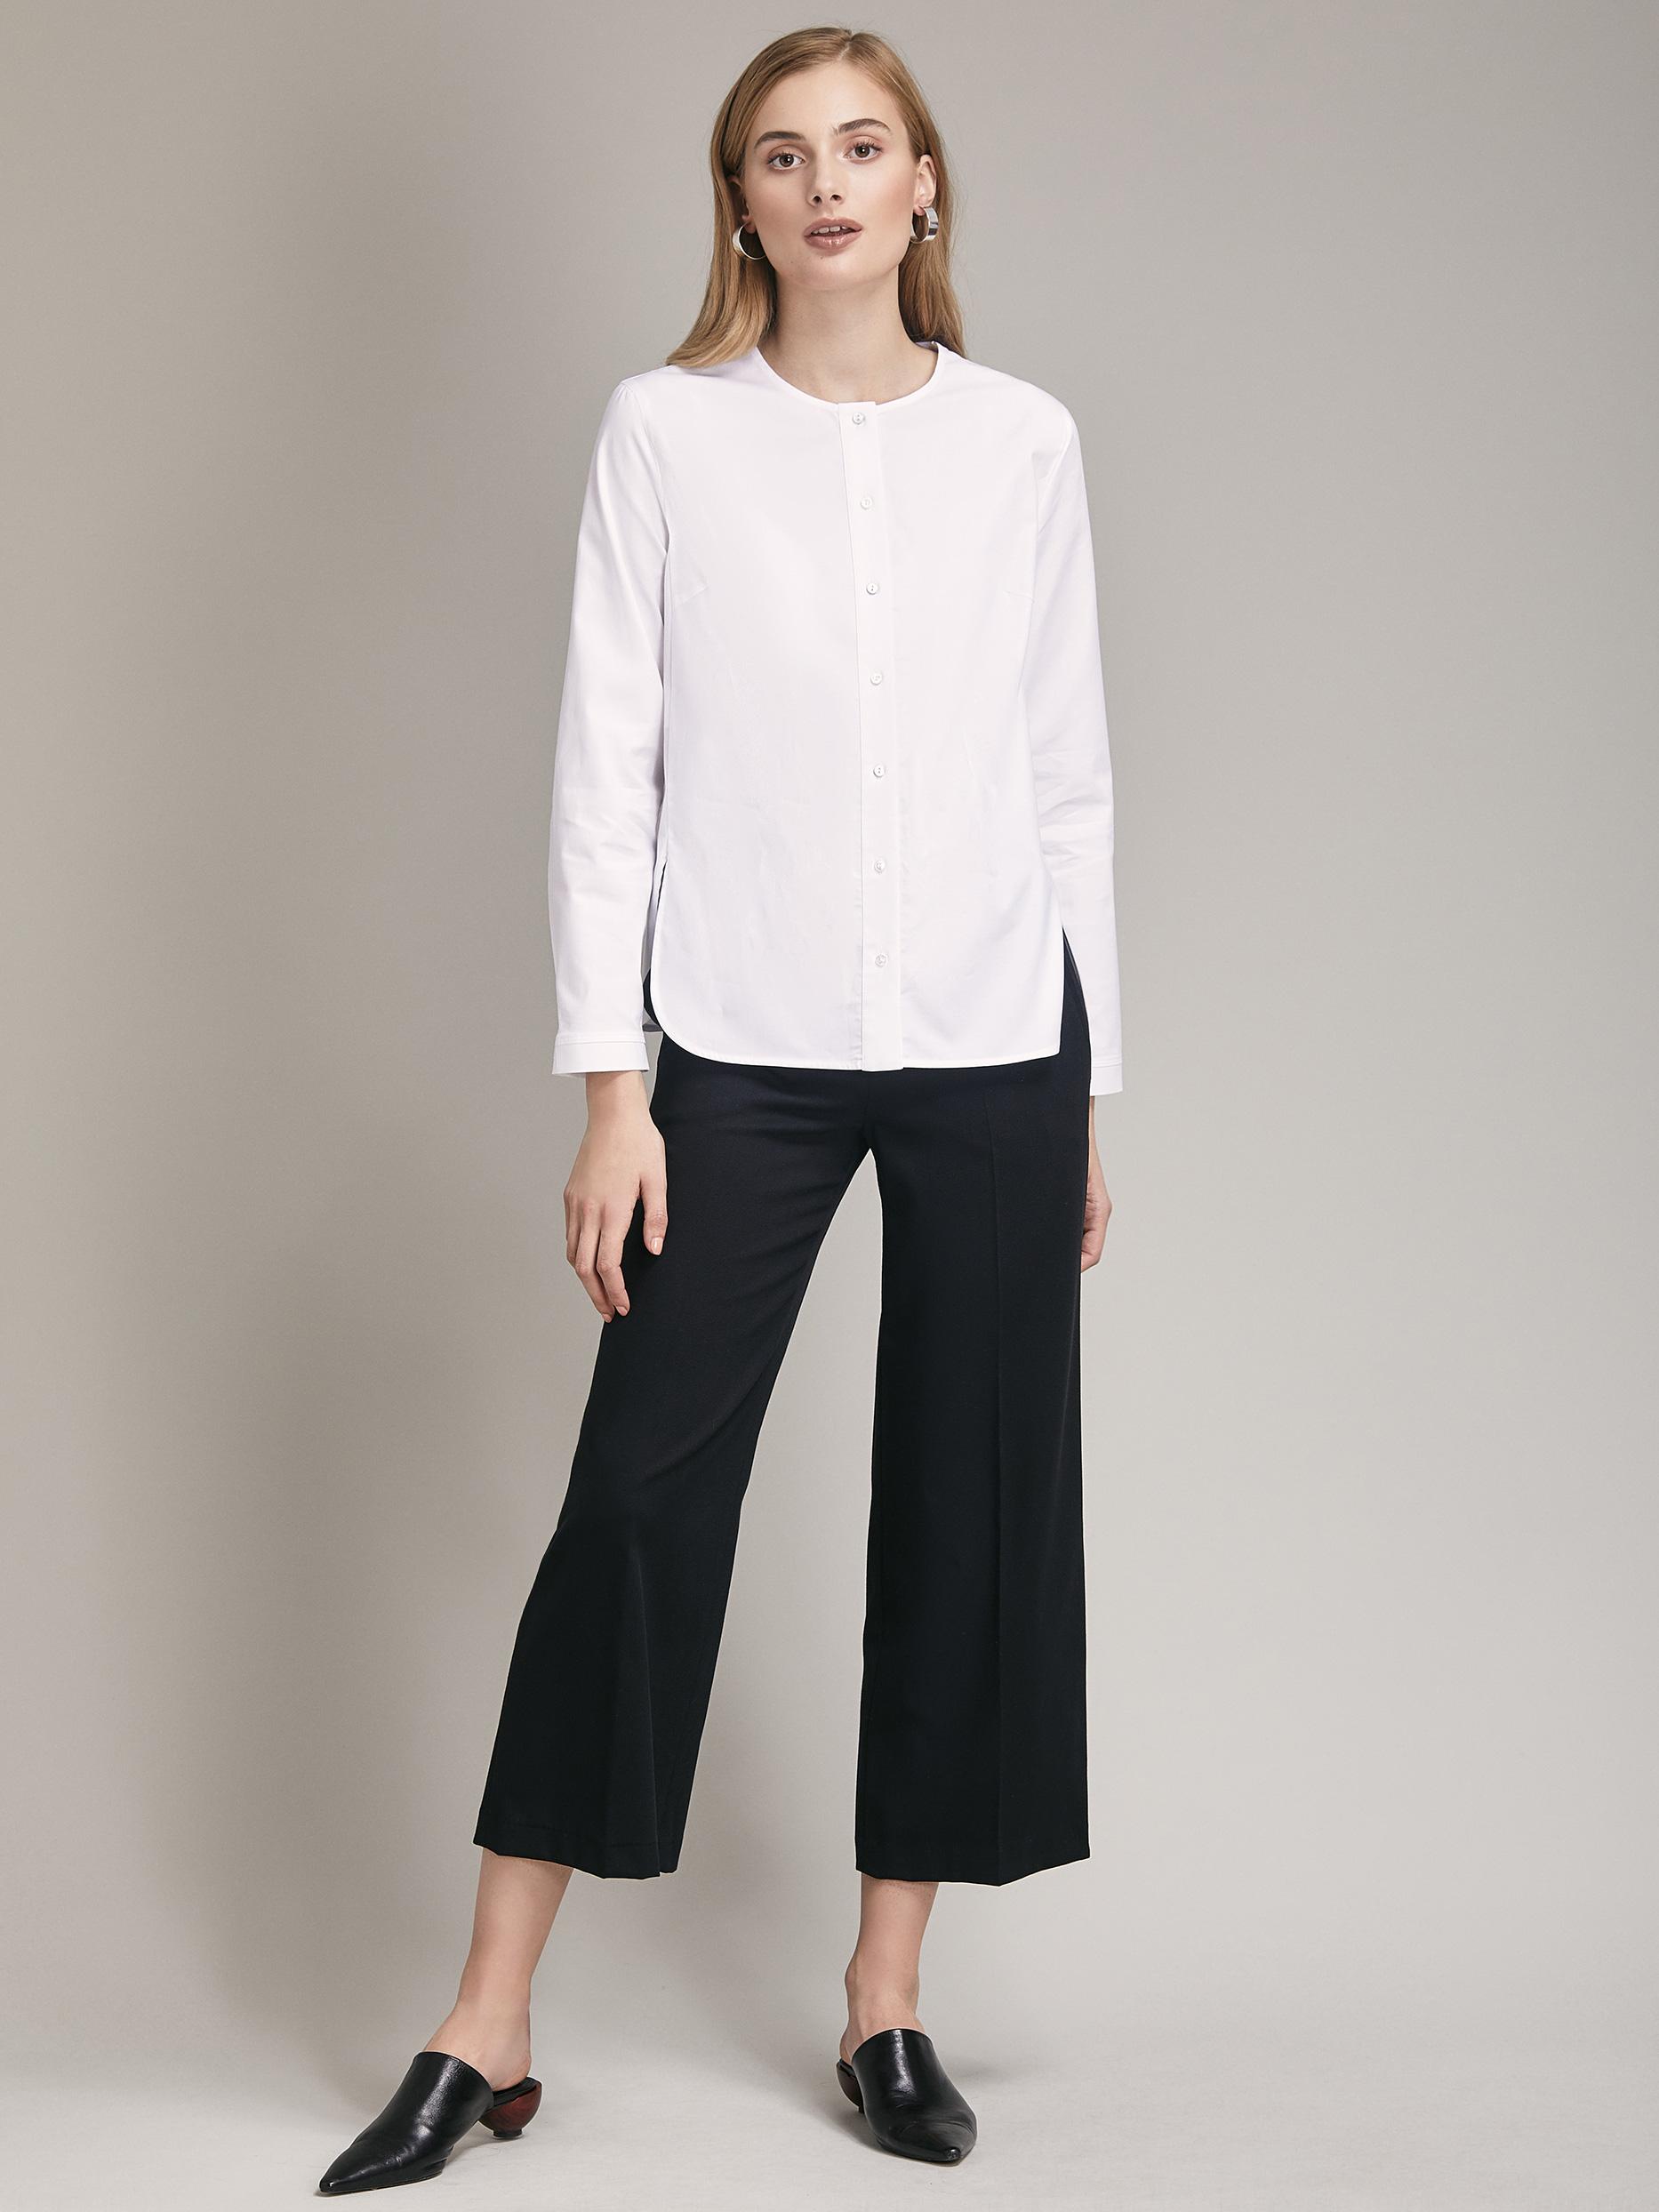 Прямая блуза из хлопка фото